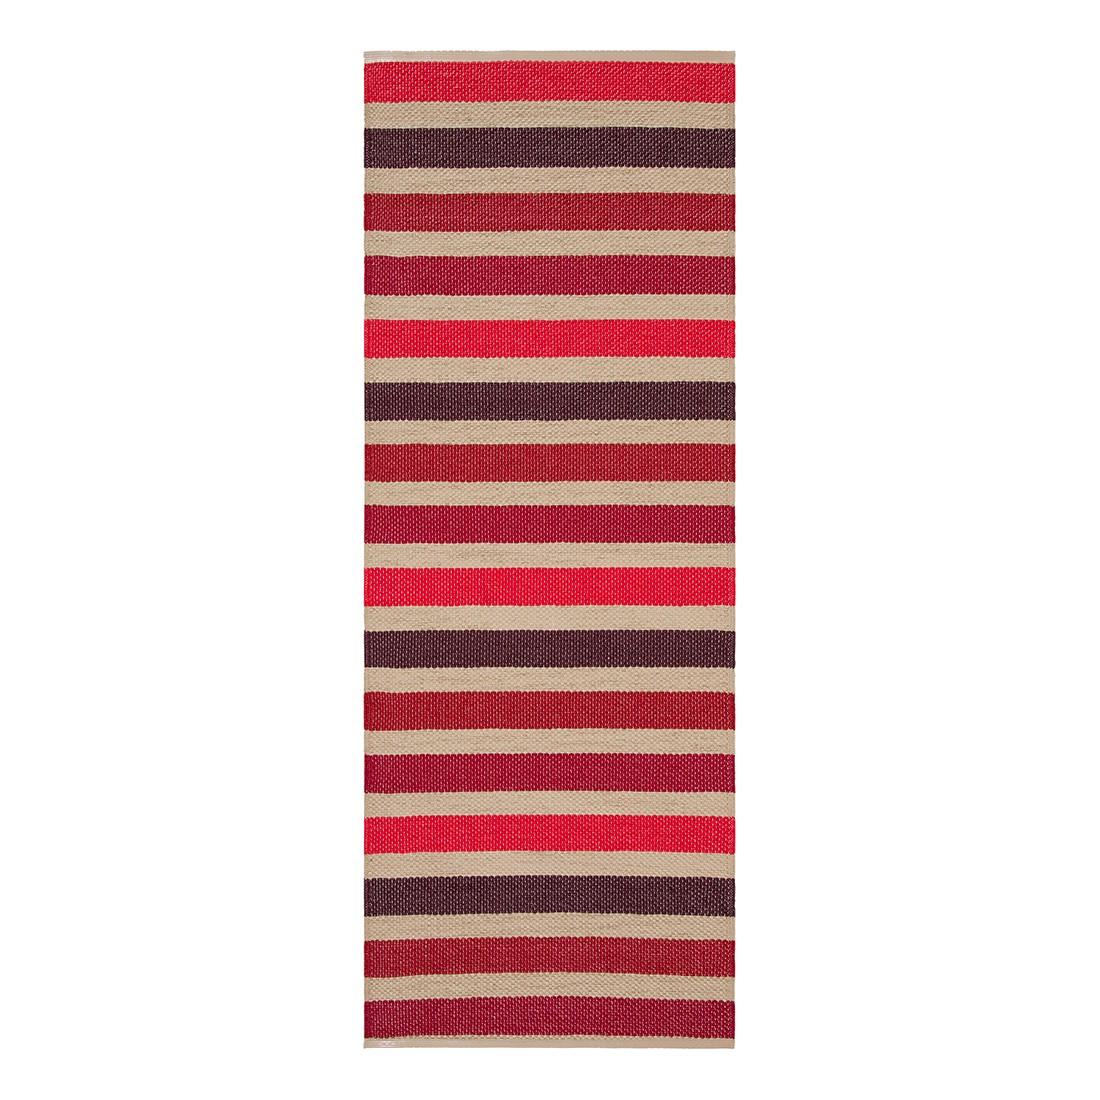 In-/Outdoorteppich Baia I – Kunstfaser Rot/Beige – 60 x 120 cm, Swedy kaufen